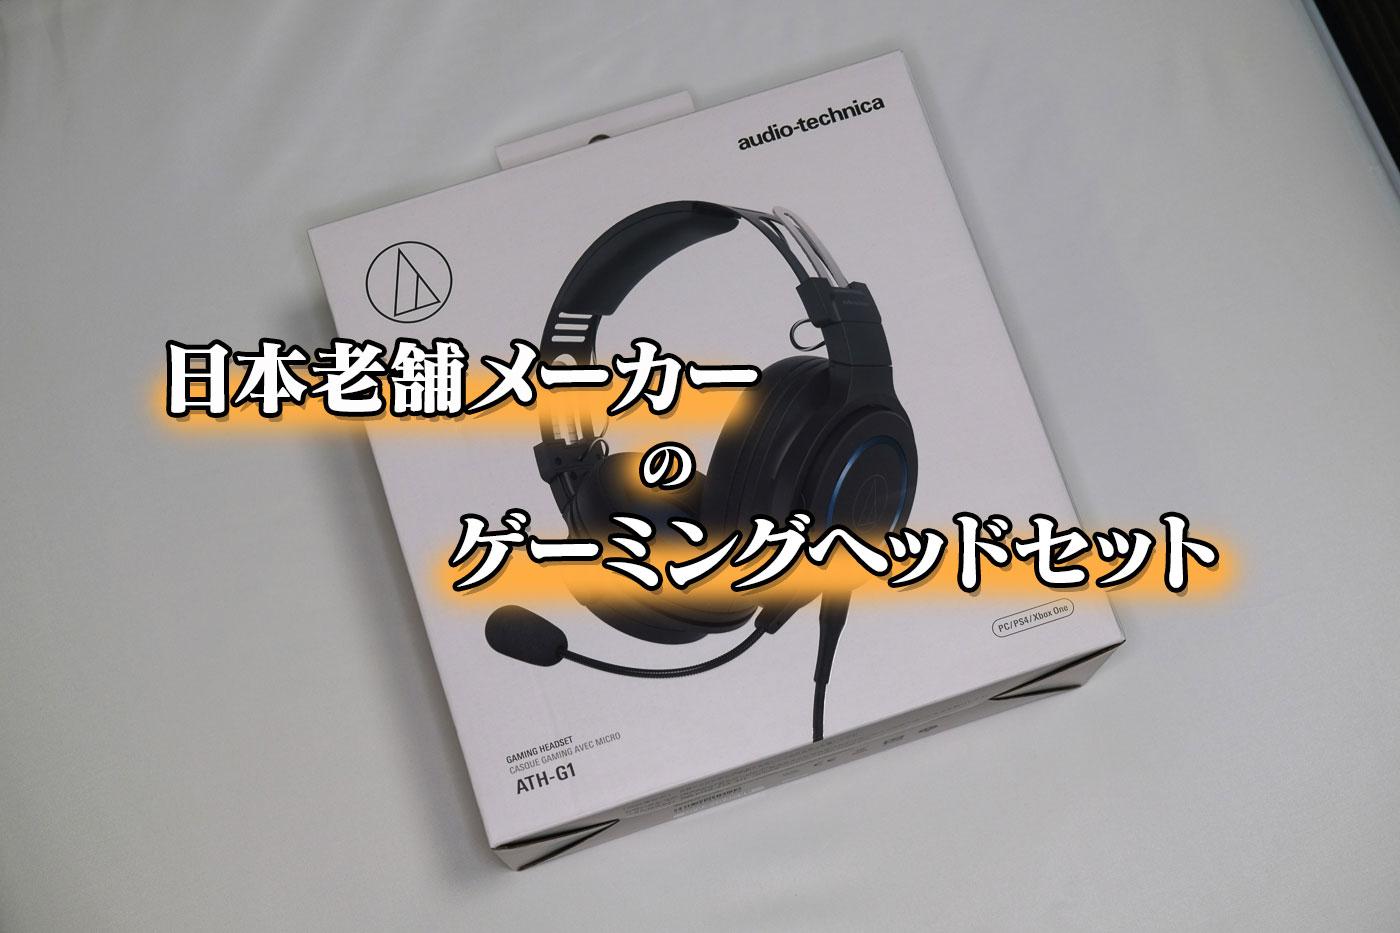 【レビュー】オーディオテクニカ ATH-G1 オーディオテクニカのゲーミングヘッドセット!